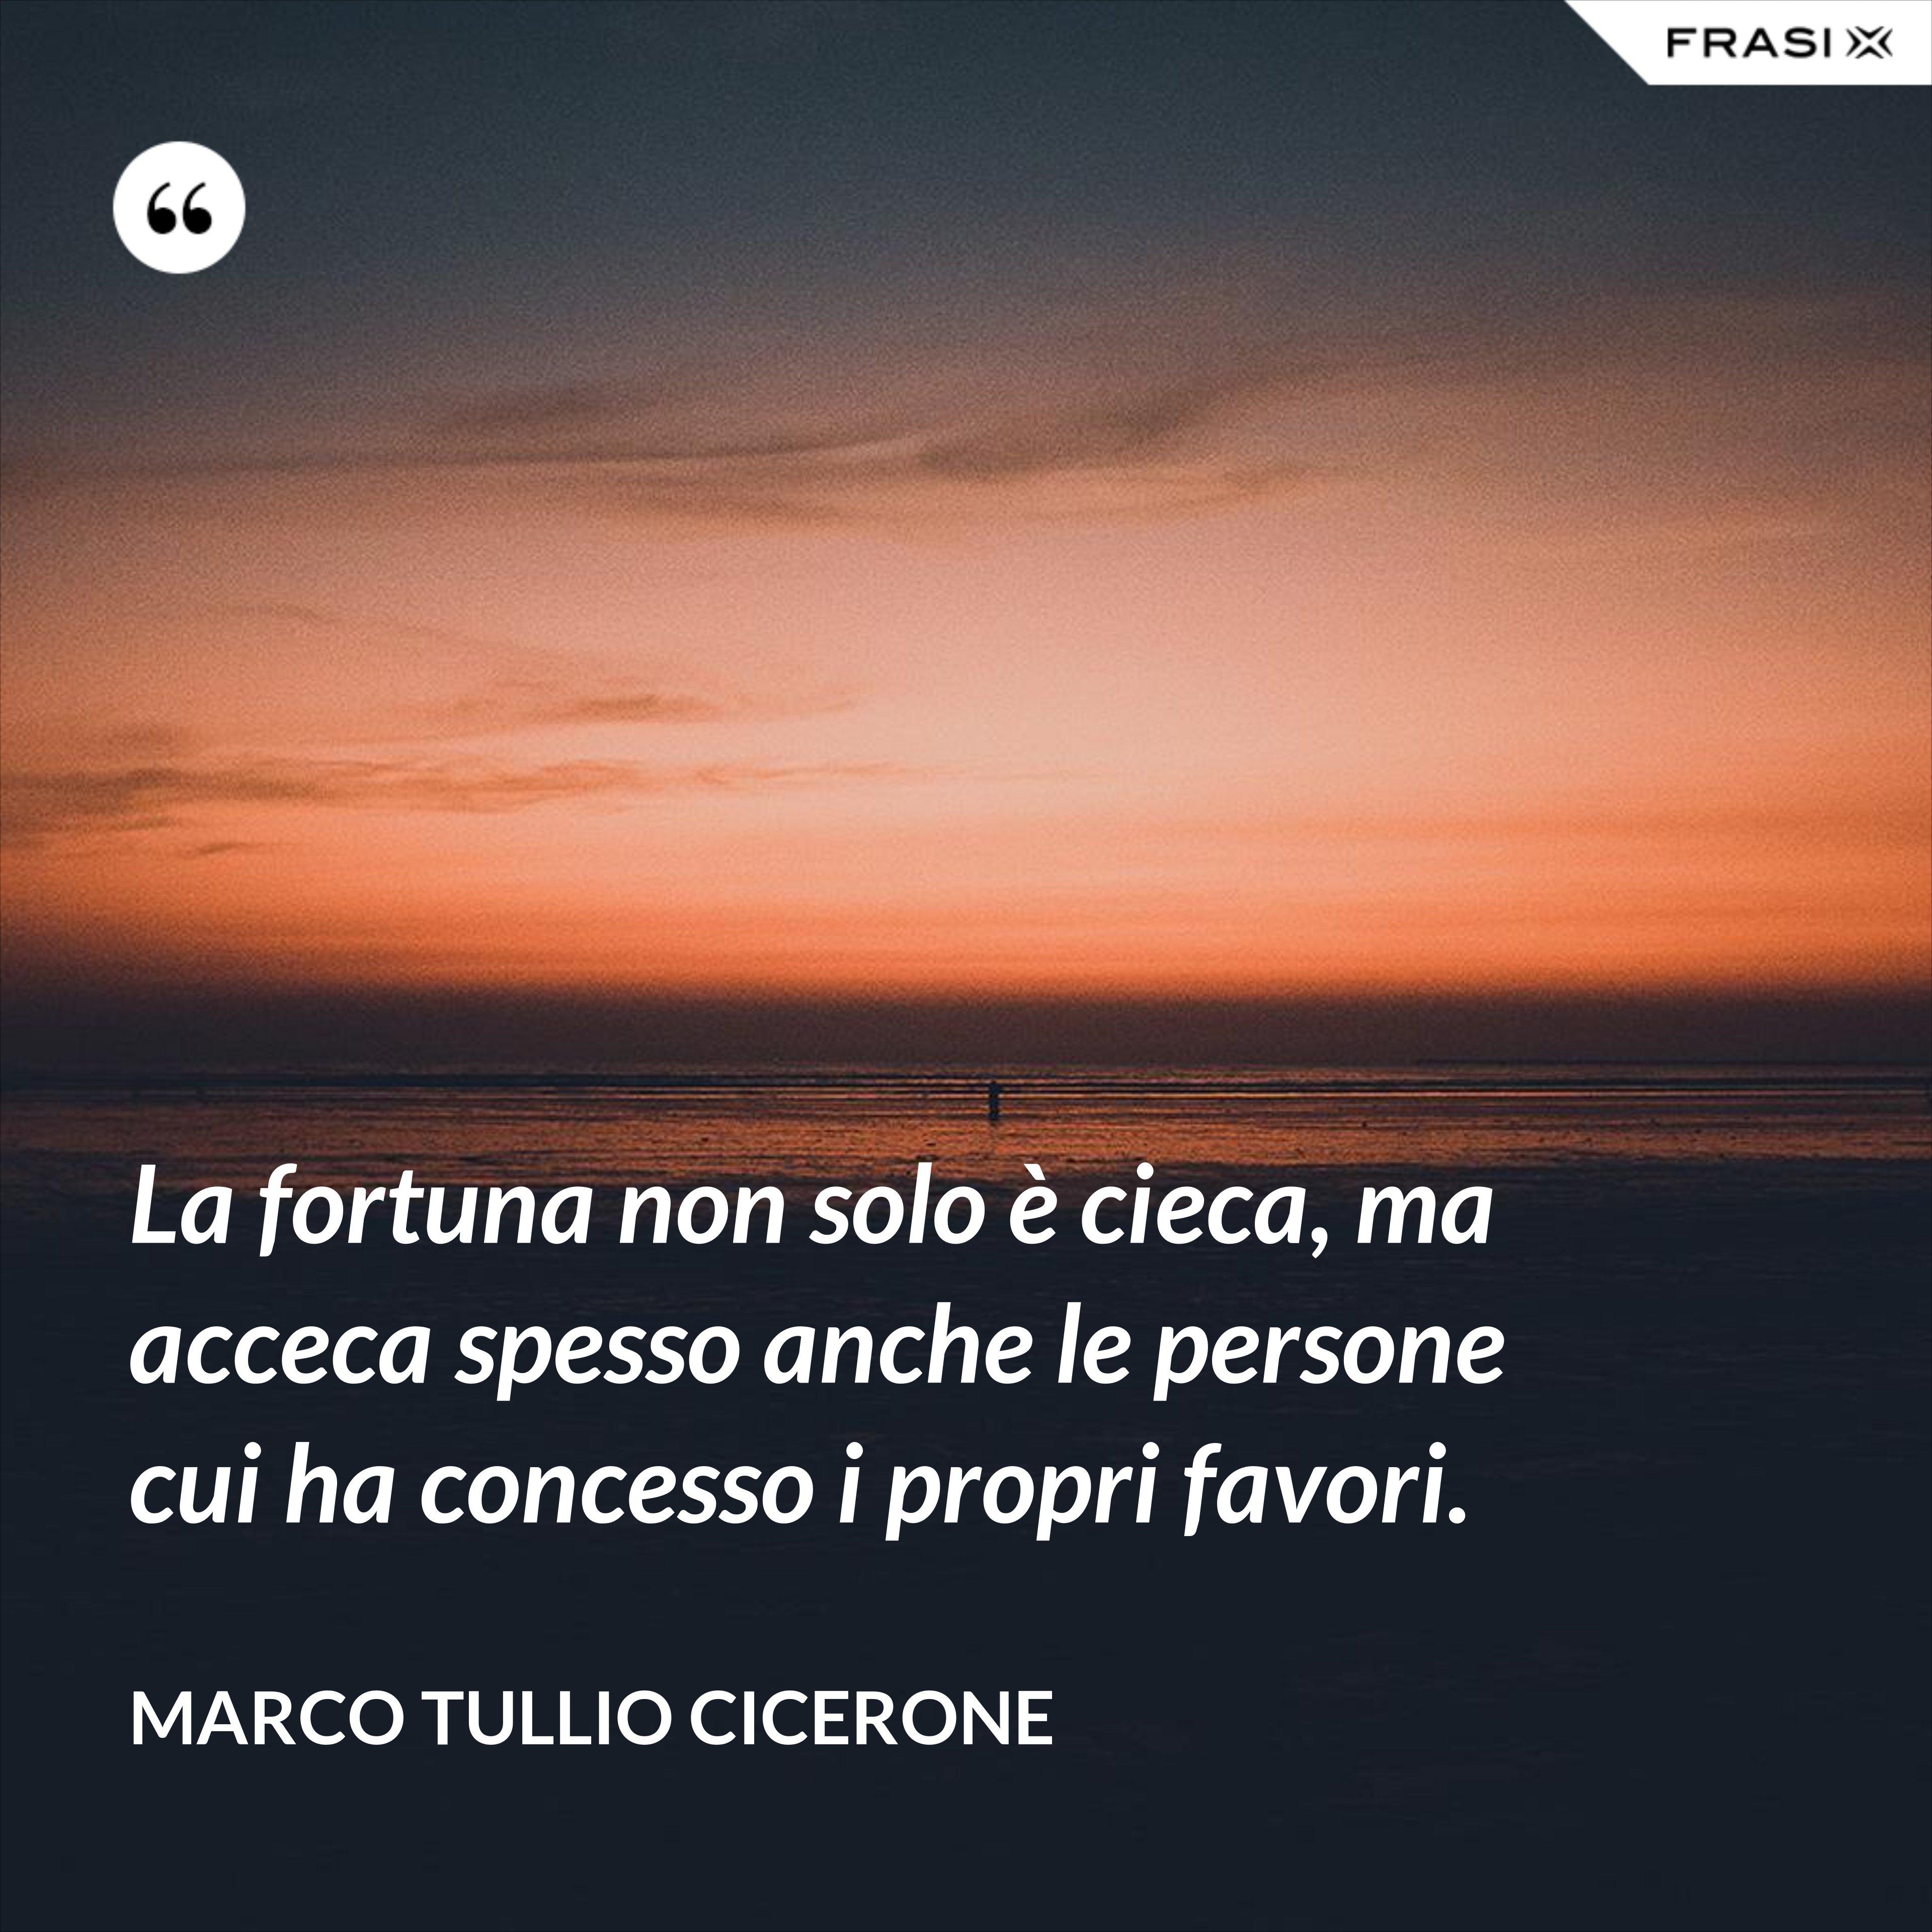 La fortuna non solo è cieca, ma acceca spesso anche le persone cui ha concesso i propri favori. - Marco Tullio Cicerone